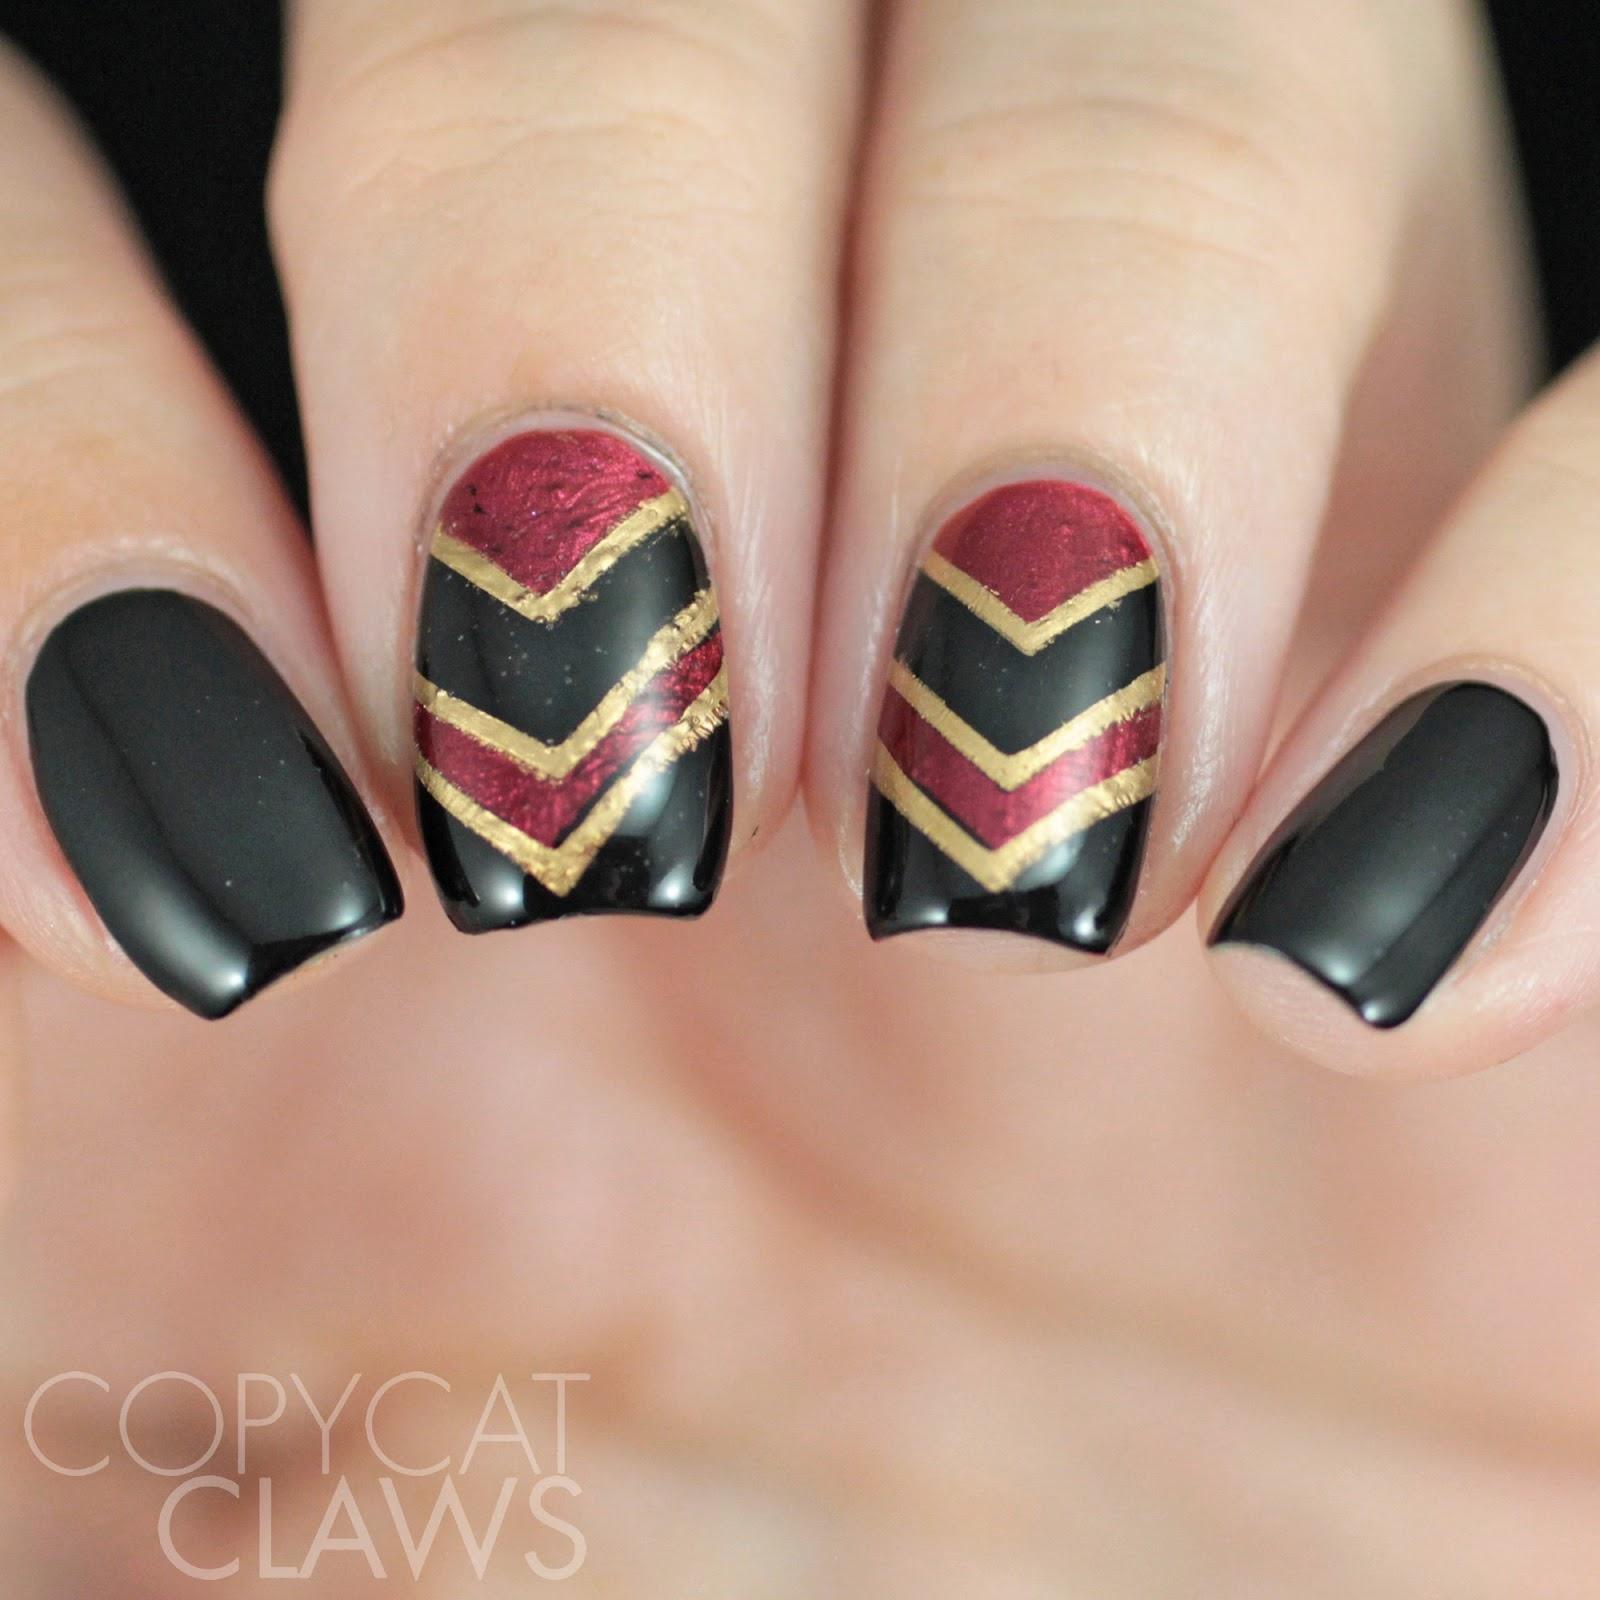 Copycat Claws: Nail Crazies Unite - Chevrons